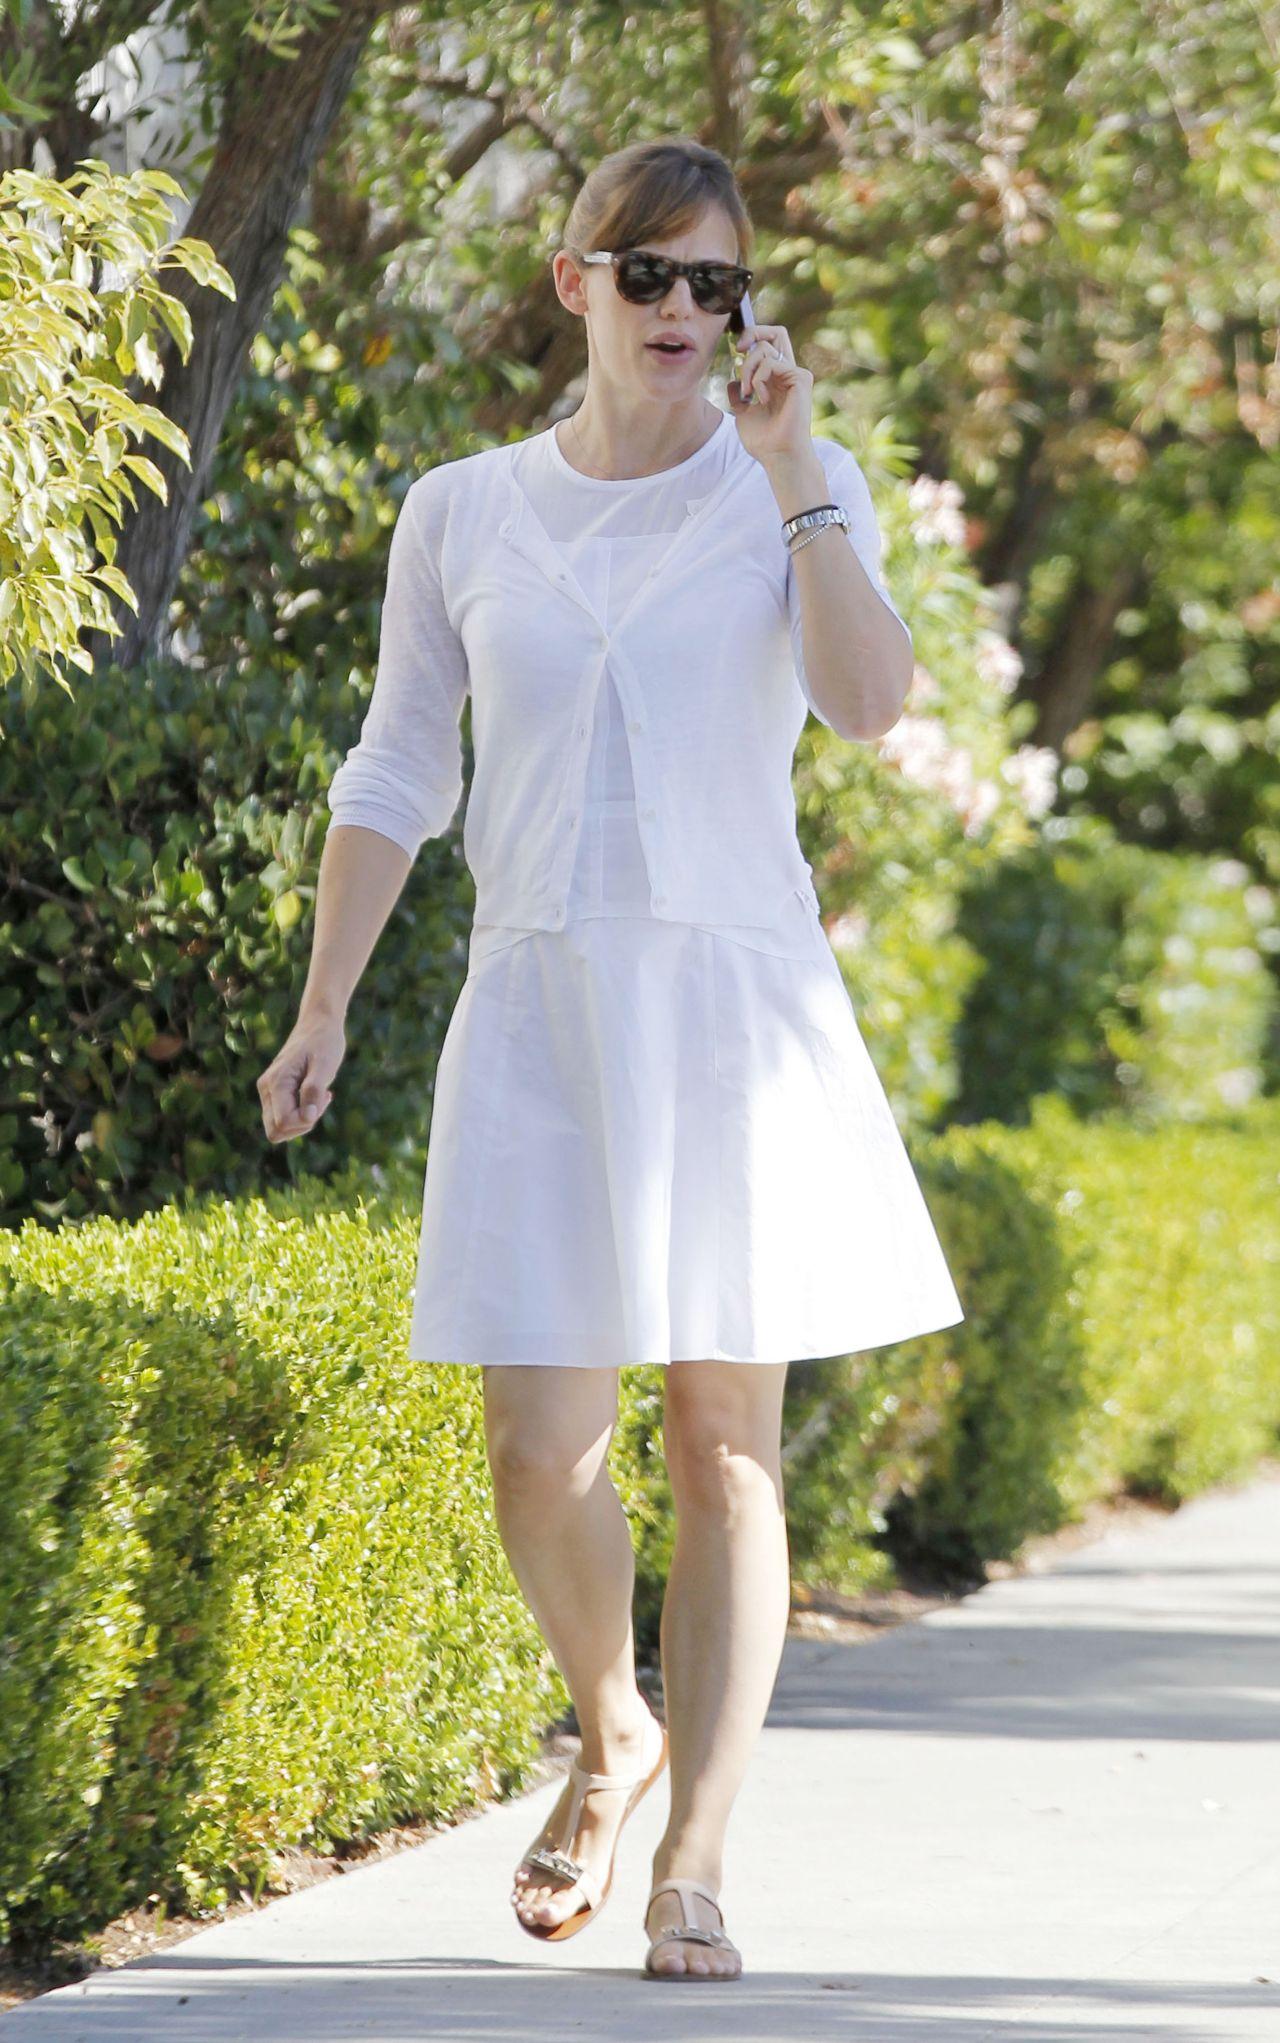 Jennifer Garner in White Dress - Out in Santa Monica - September 2014